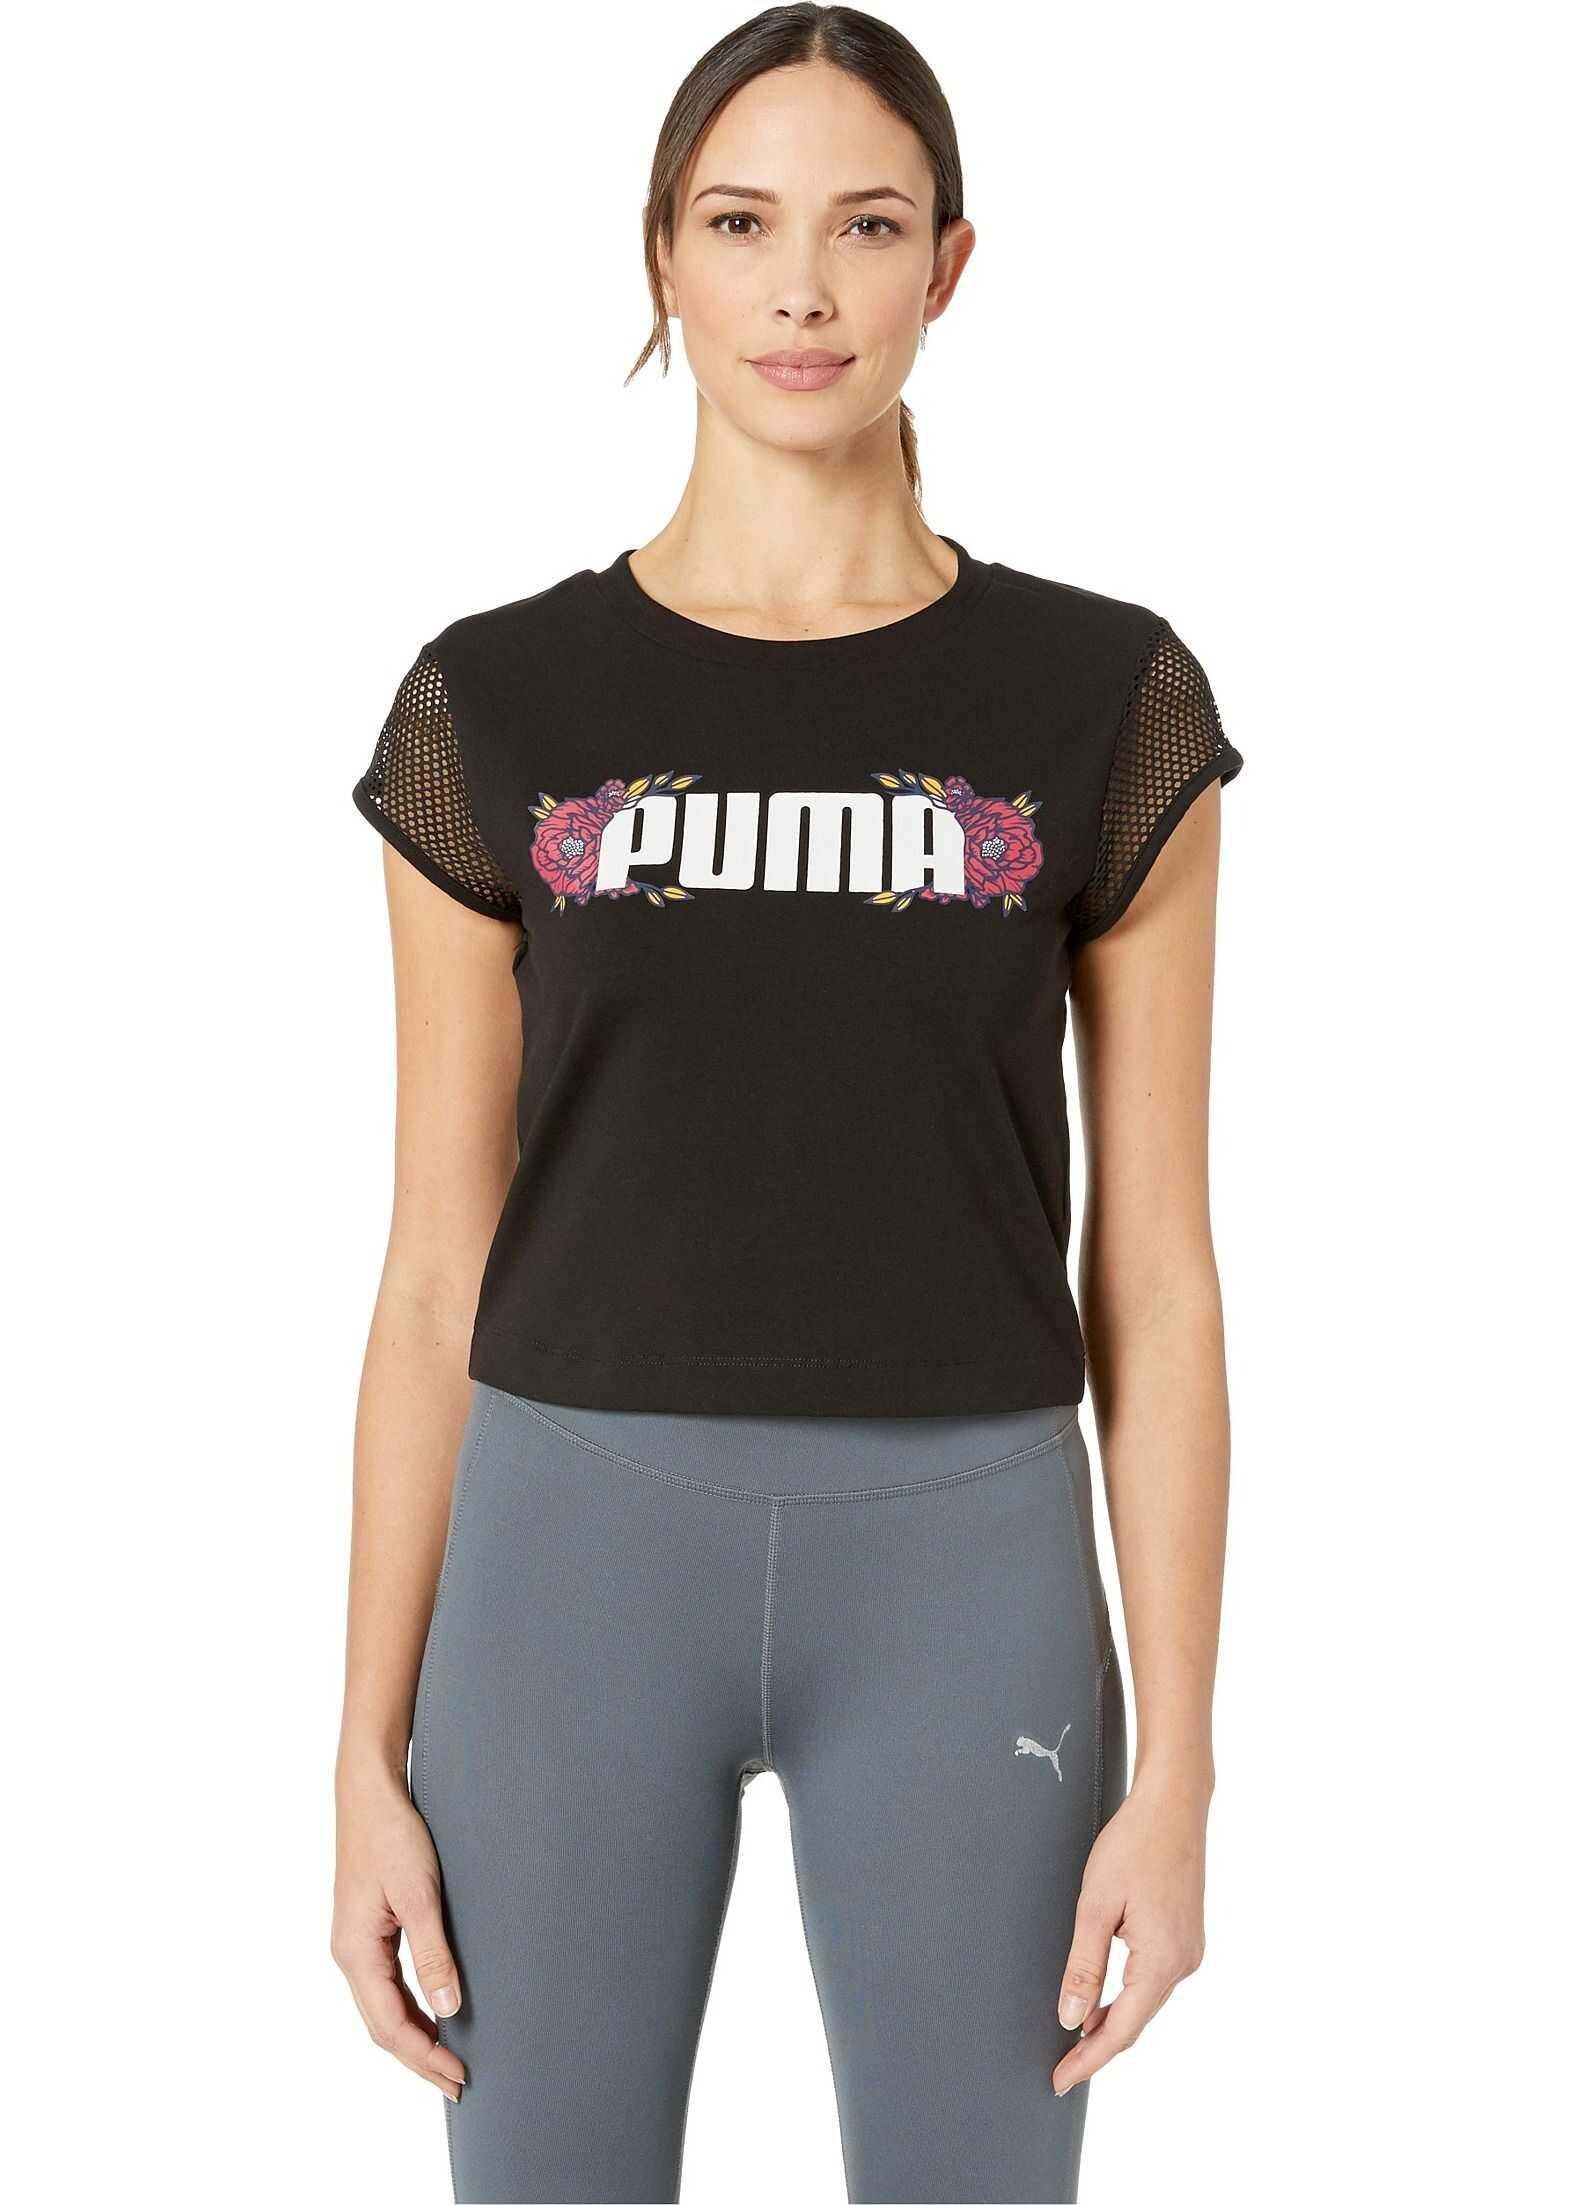 PUMA Flourish Touch of Life Fashion Tee Puma Black/Gold Fusion